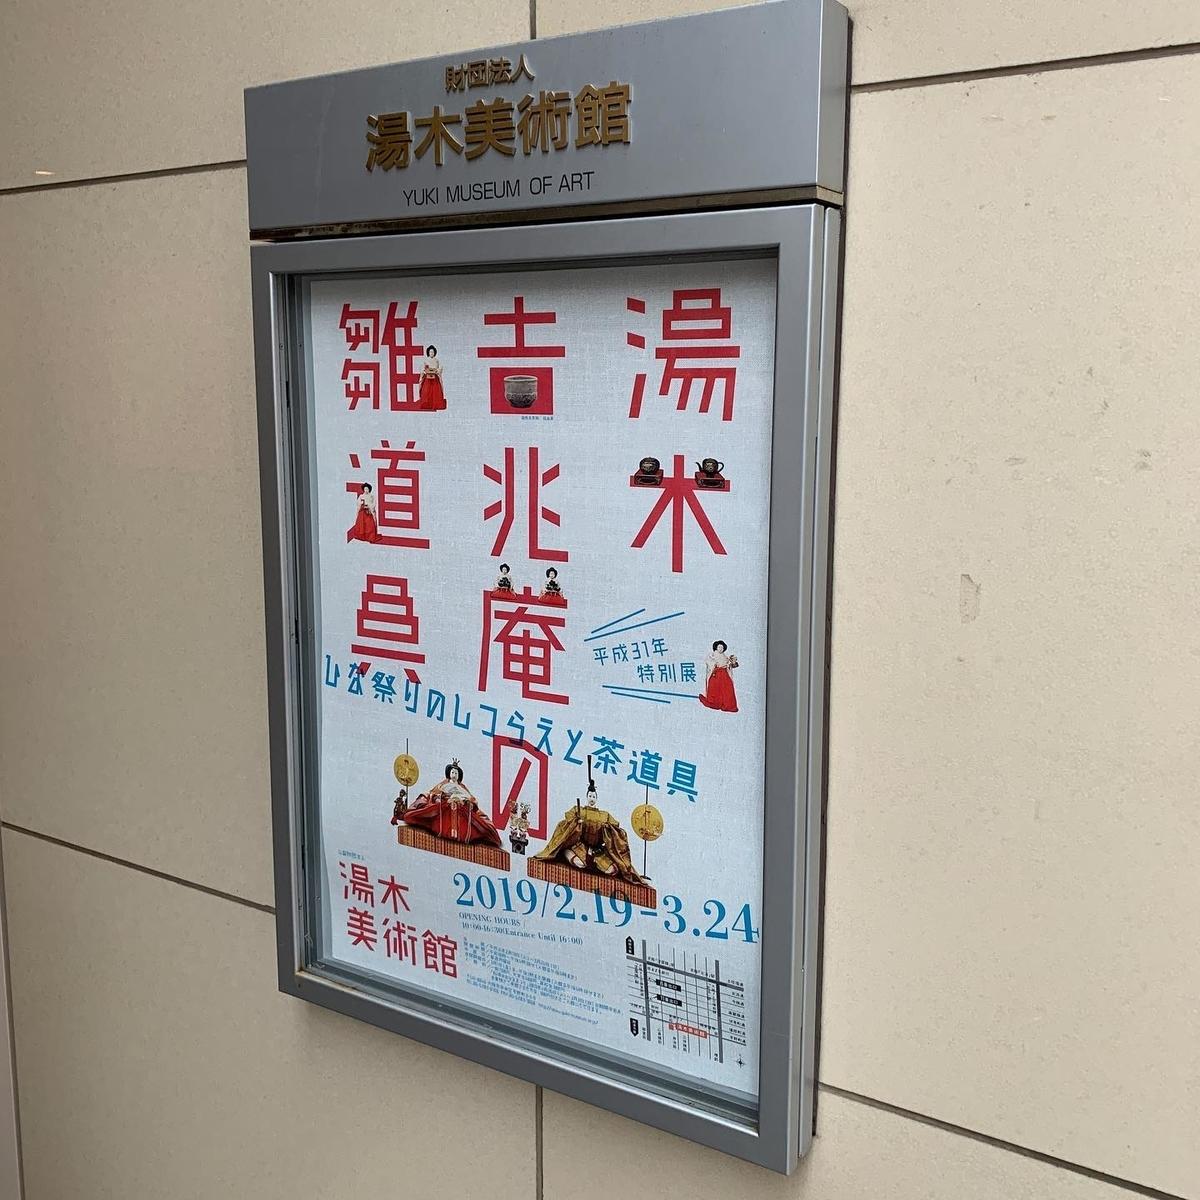 特別展「湯木吉兆庵の雛道具」